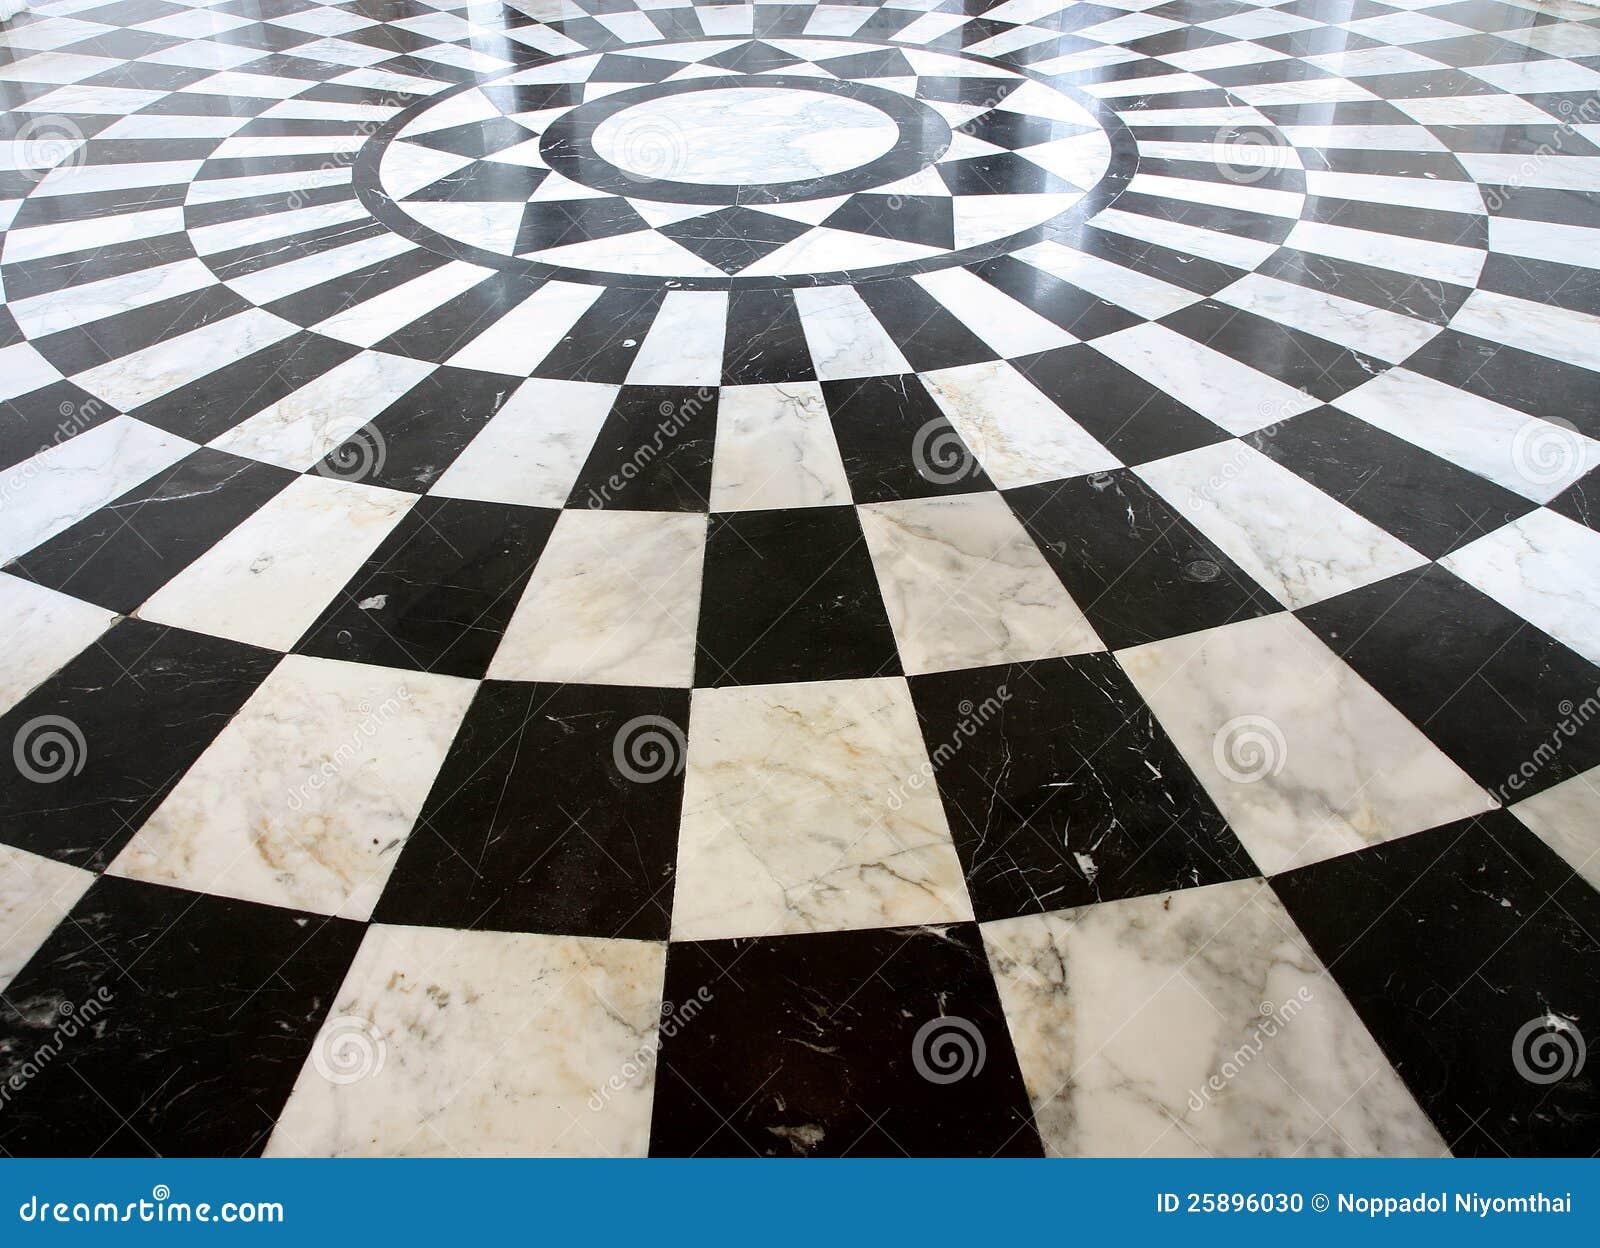 Reticolo di marmo checkered in bianco e nero del pavimento for Pavimento bianco e nero